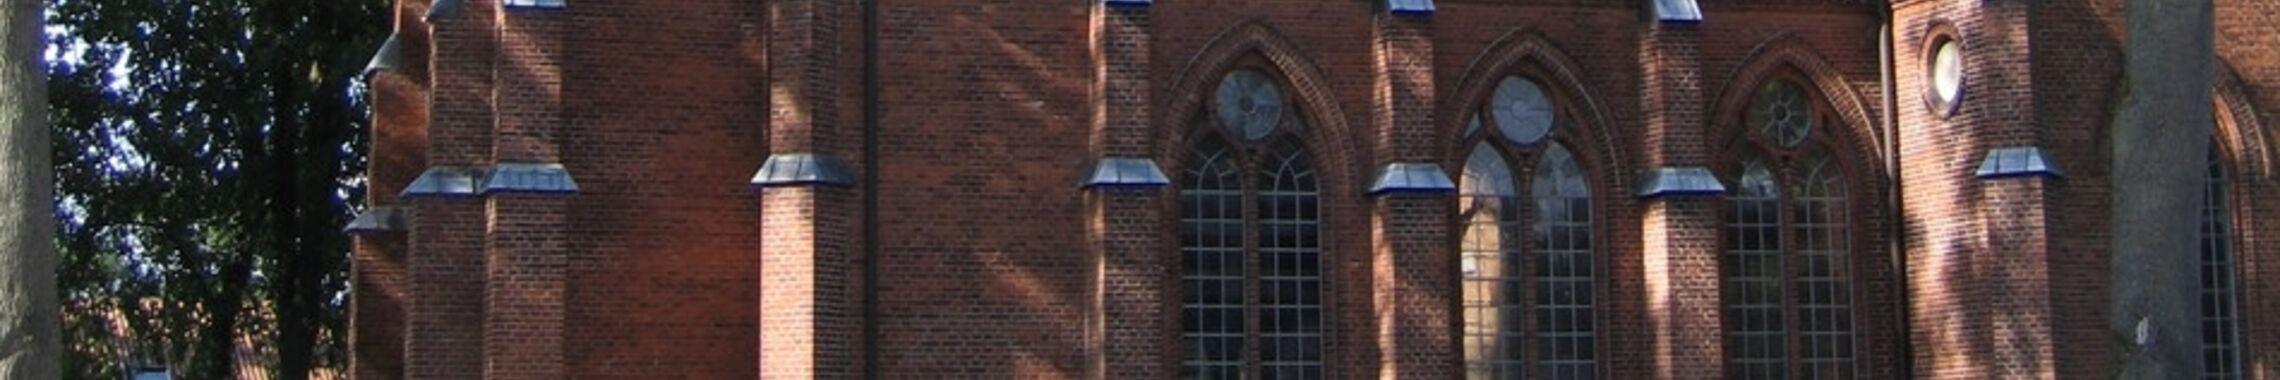 Friedenskirche Groß Oesingen